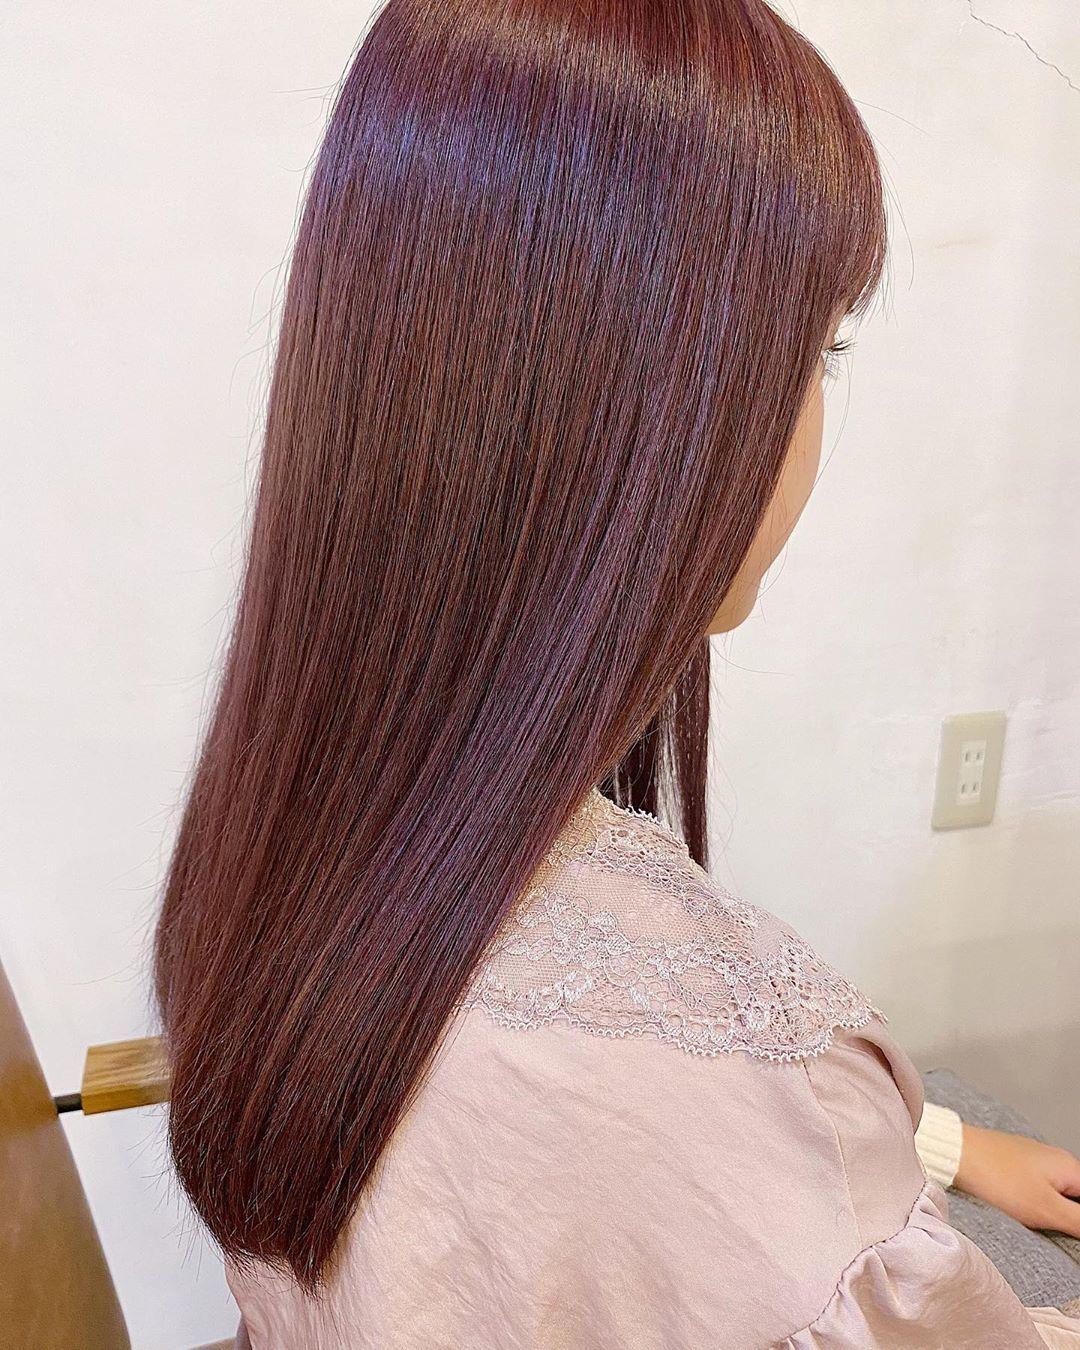 ニシムラカナ ピンクベージュ チェリーピンク On Instagram Hair Color Haircolor ピンクブラウン ダメージが怖い 金髪に抜けるのがやだ そんな方々に